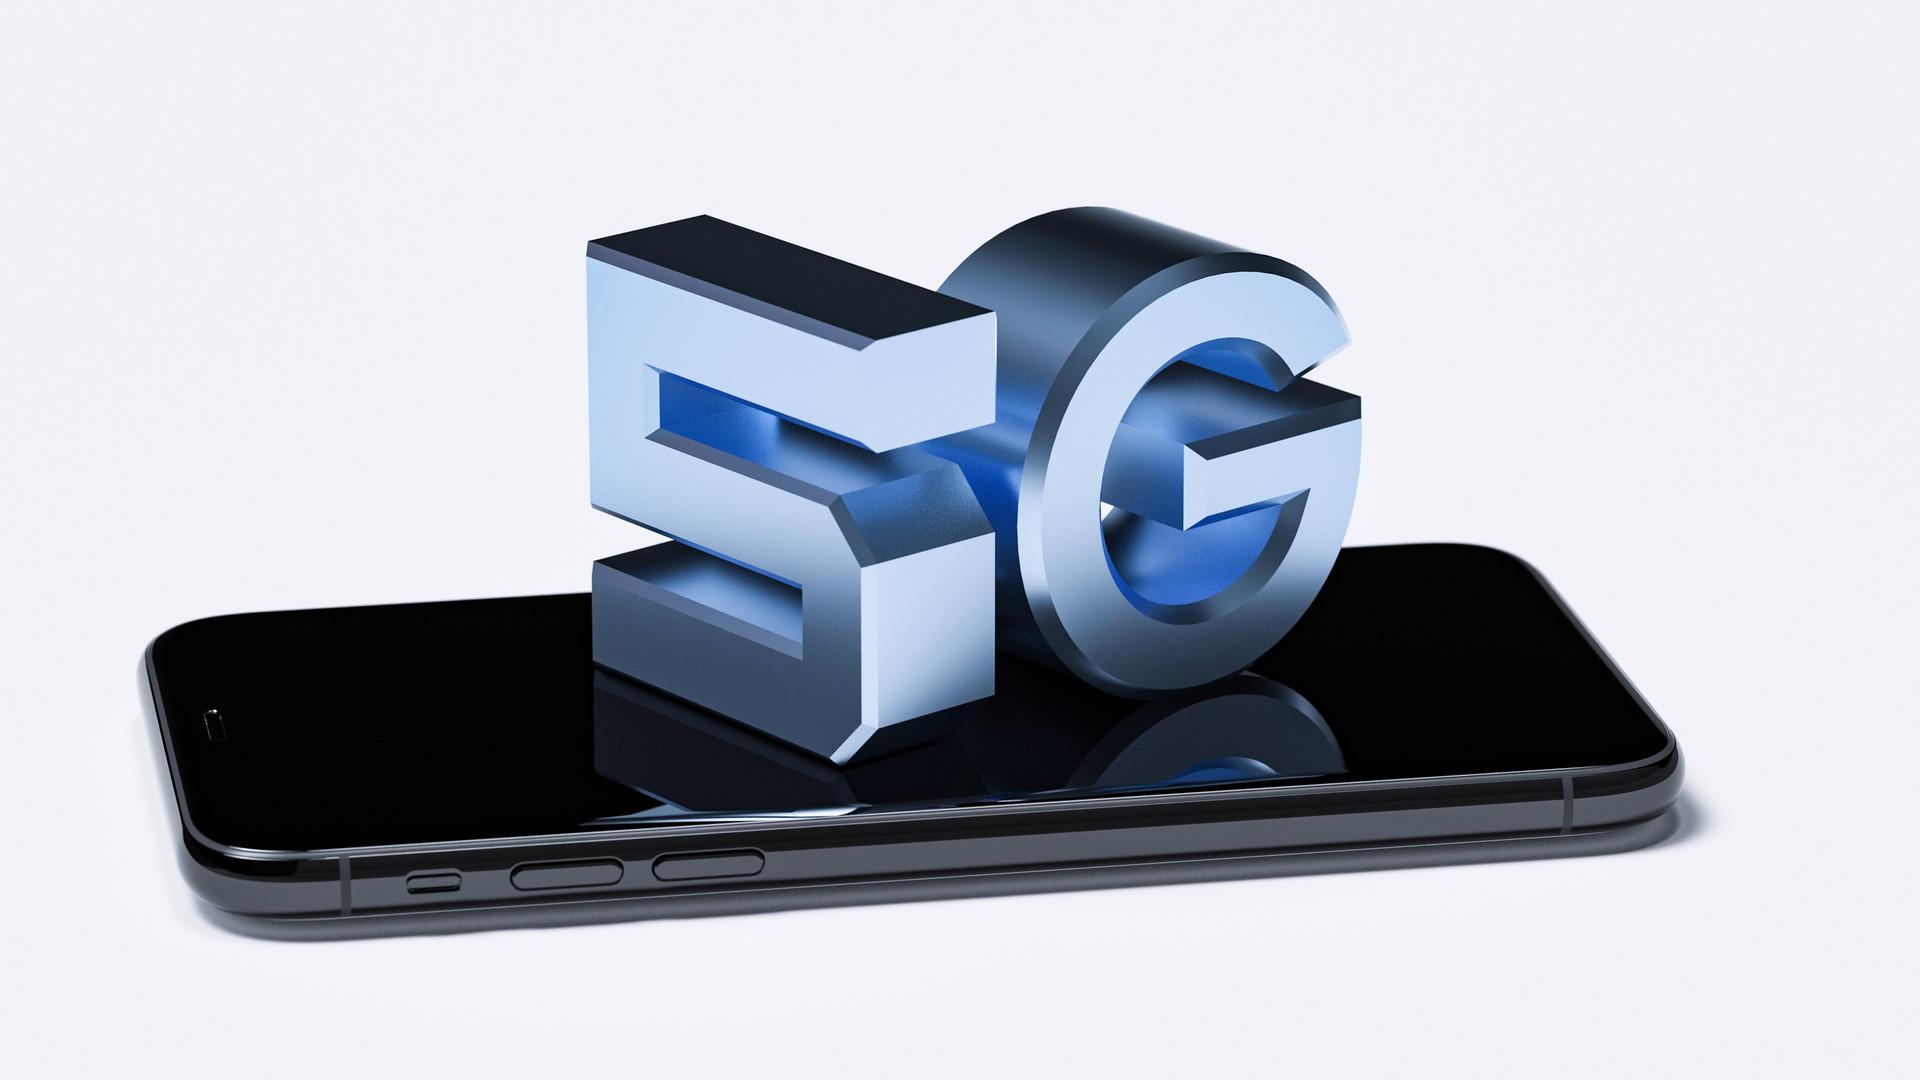 高通预测2021年全球5G手机出货量将达4.5亿部